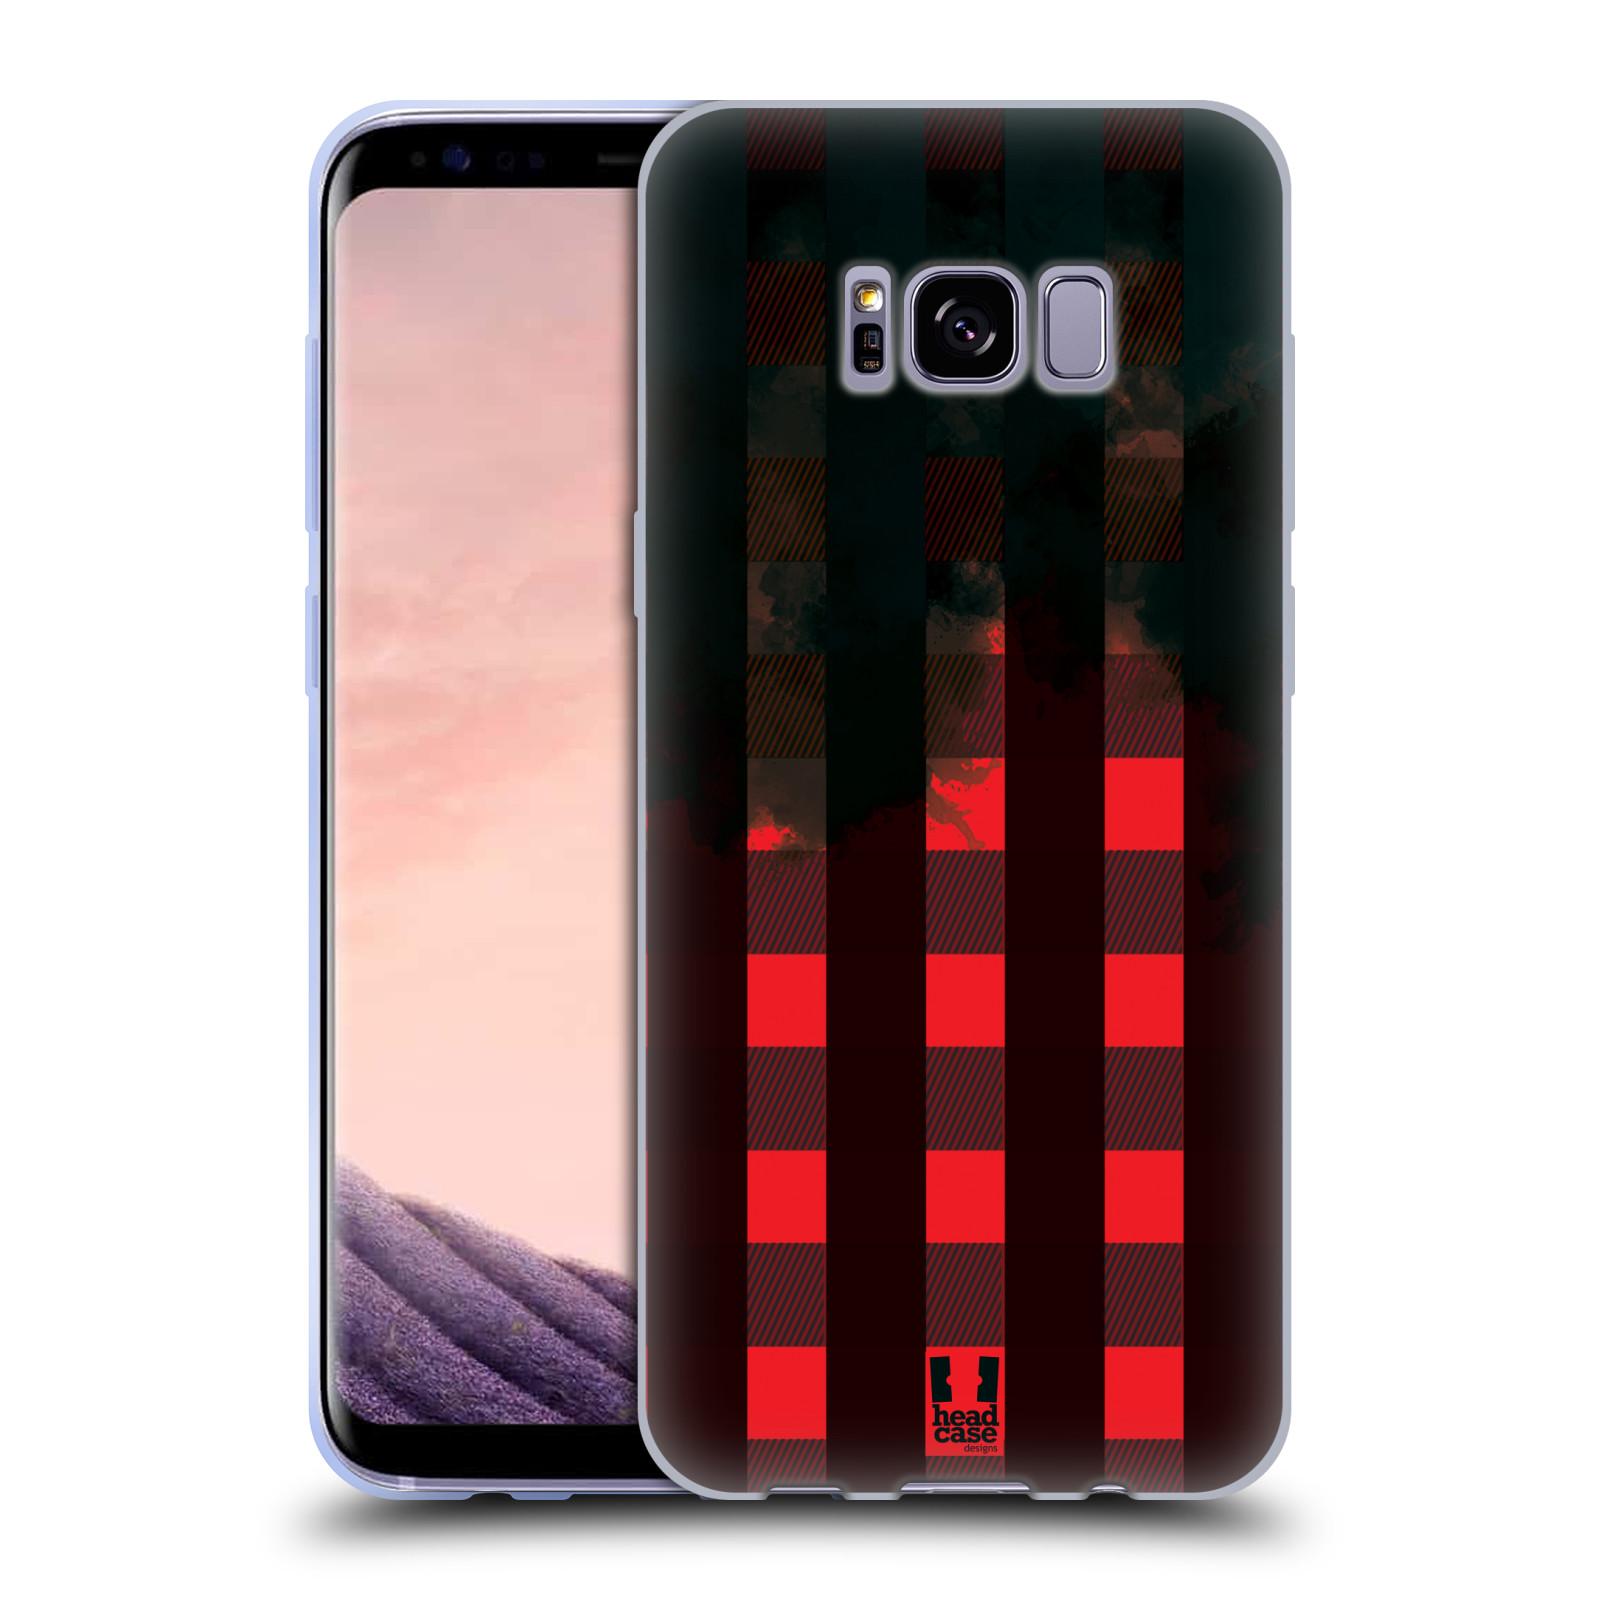 Silikonové pouzdro na mobil Samsung Galaxy S8+ (Plus) Head Case FLANEL RED BLACK (Silikonový kryt či obal na mobilní telefon Samsung Galaxy S8+ (Plus) SM-G9550)